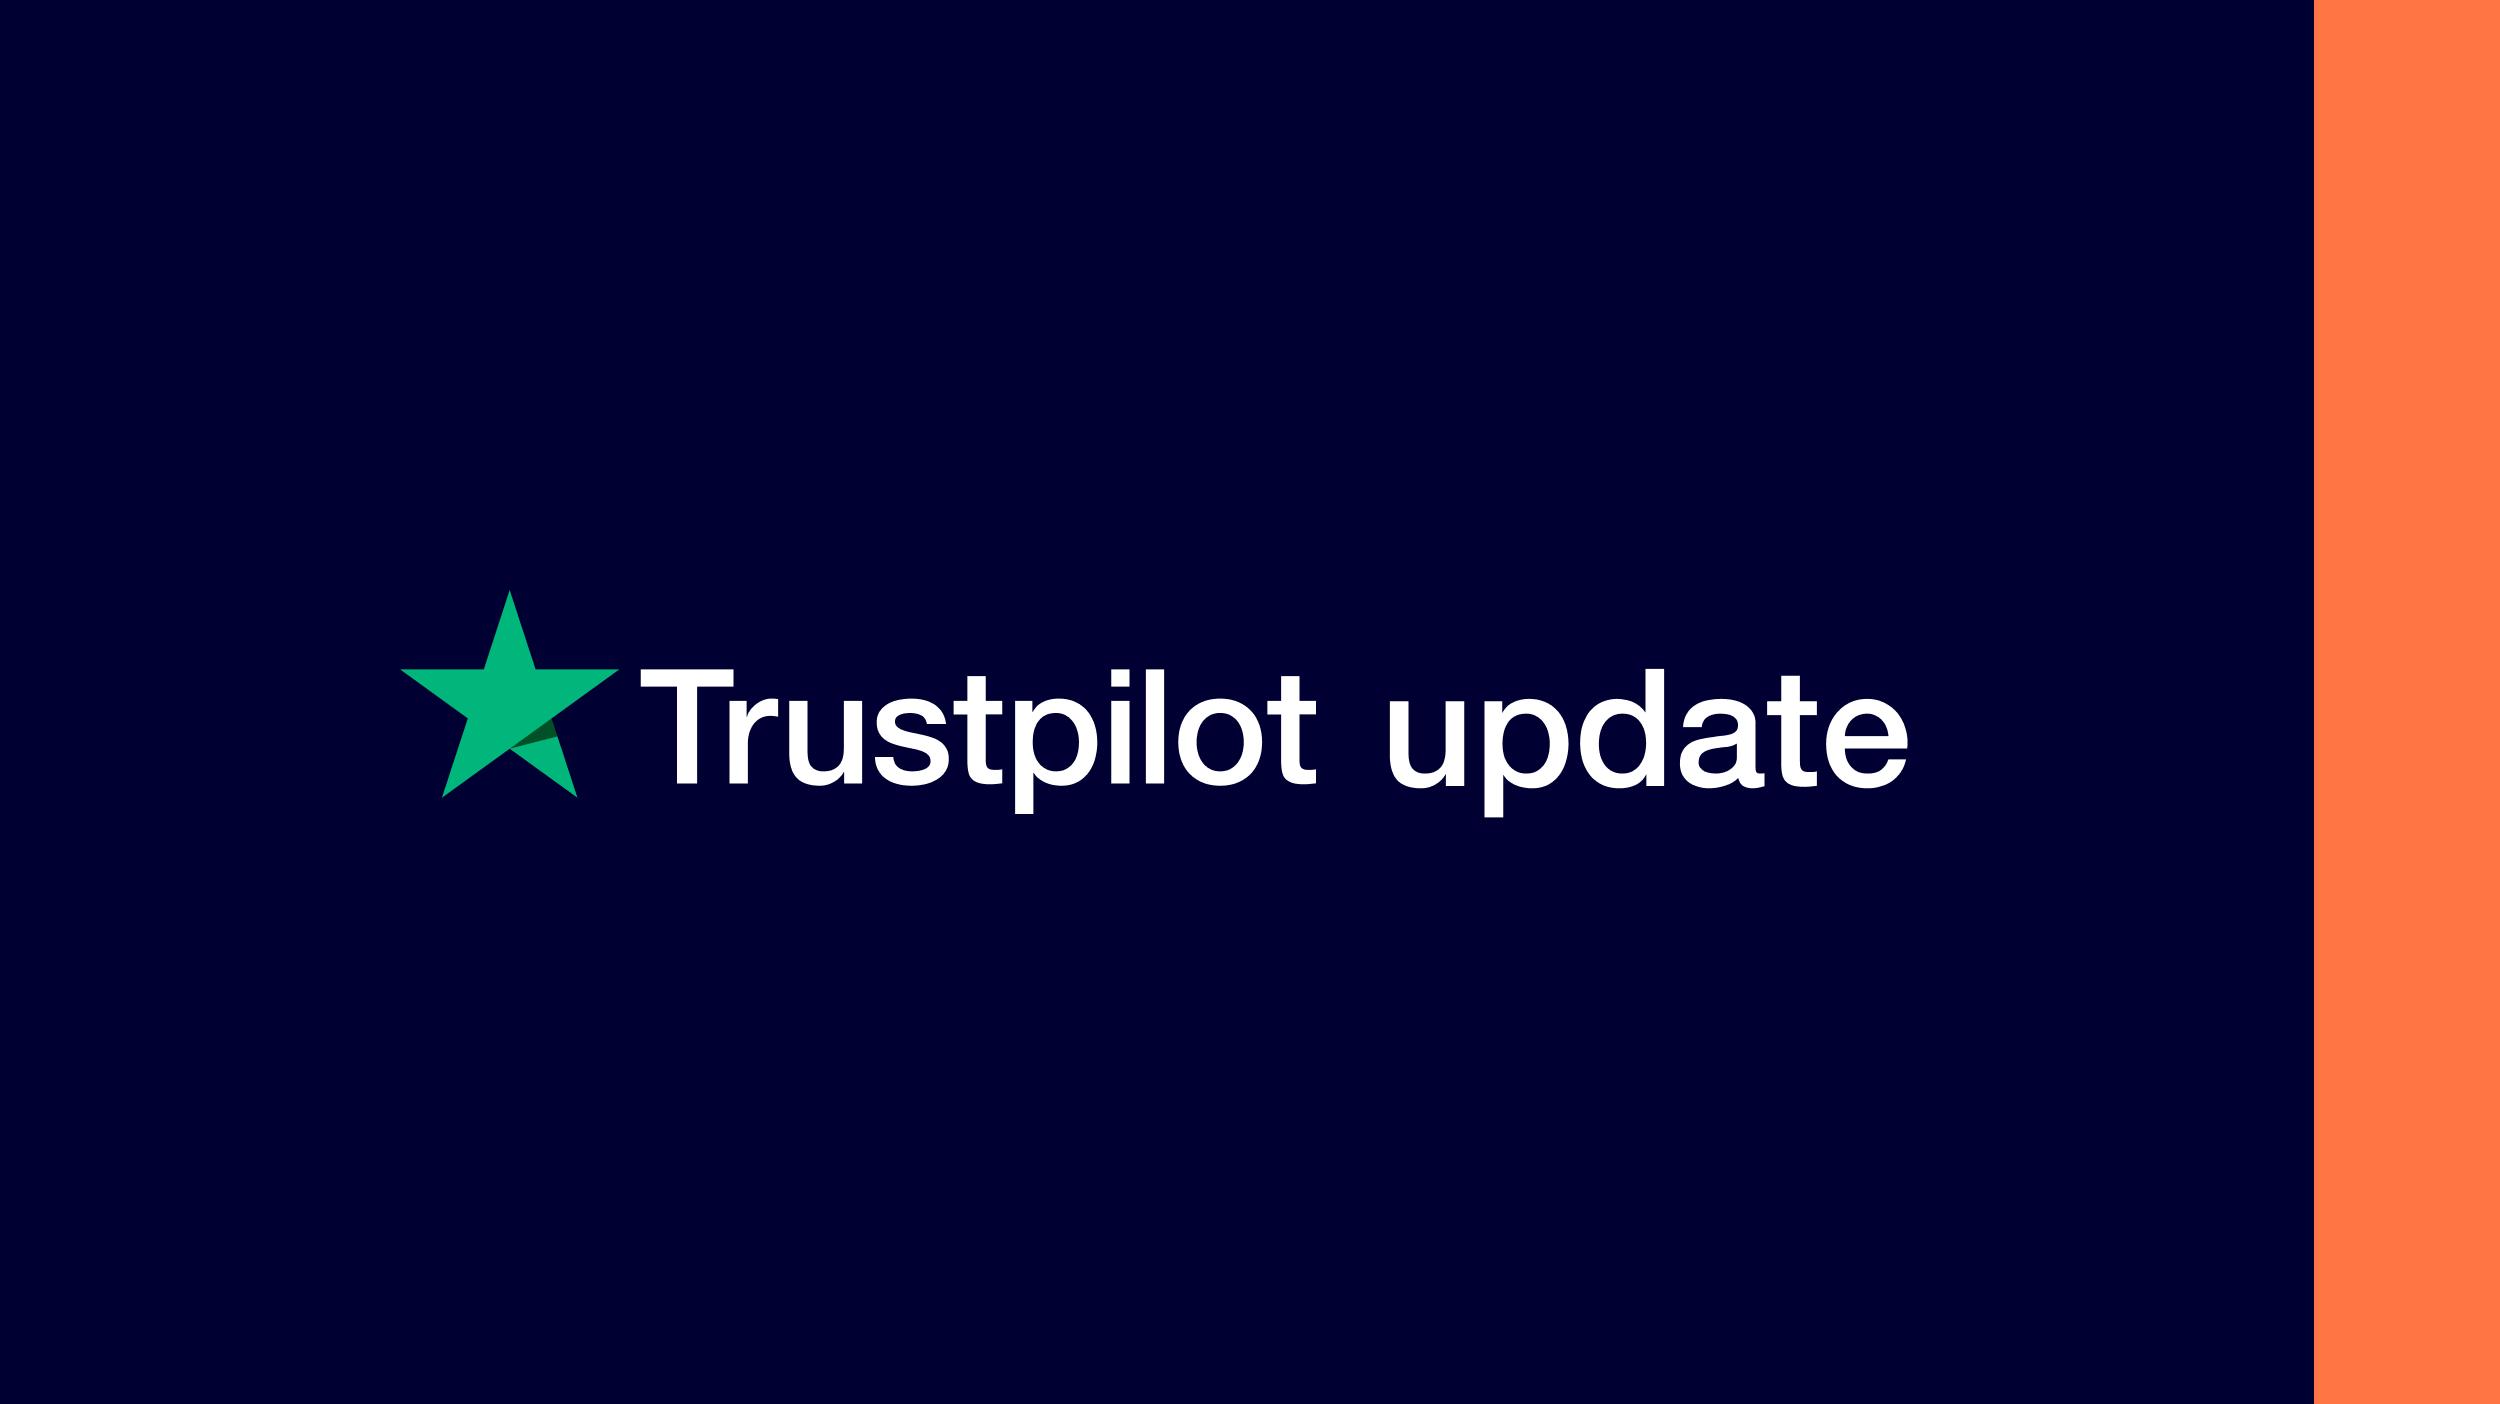 Trustpilot update